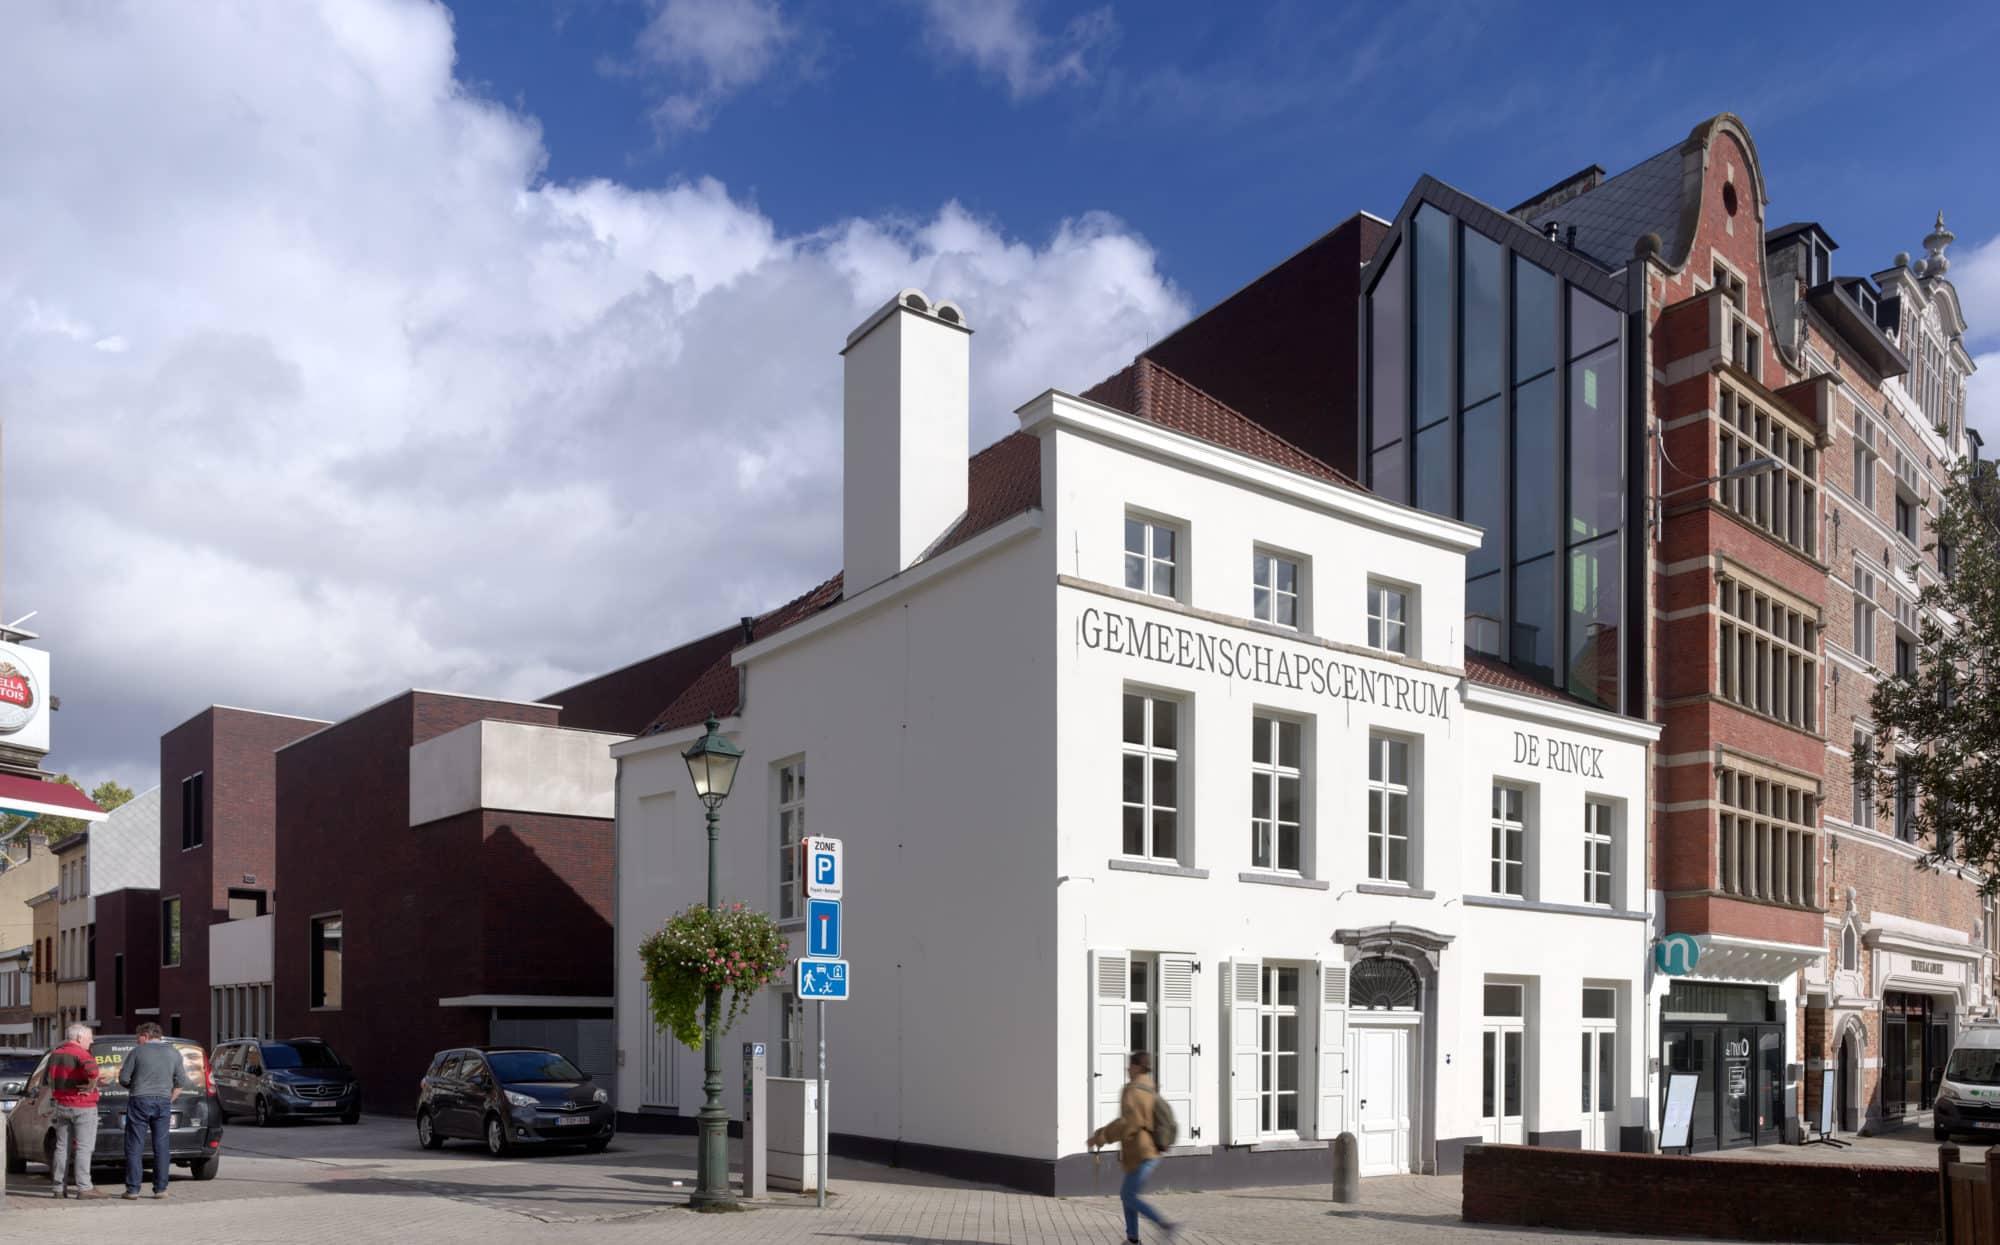 Gemeenschapscentrum De Rinck – Anderlecht